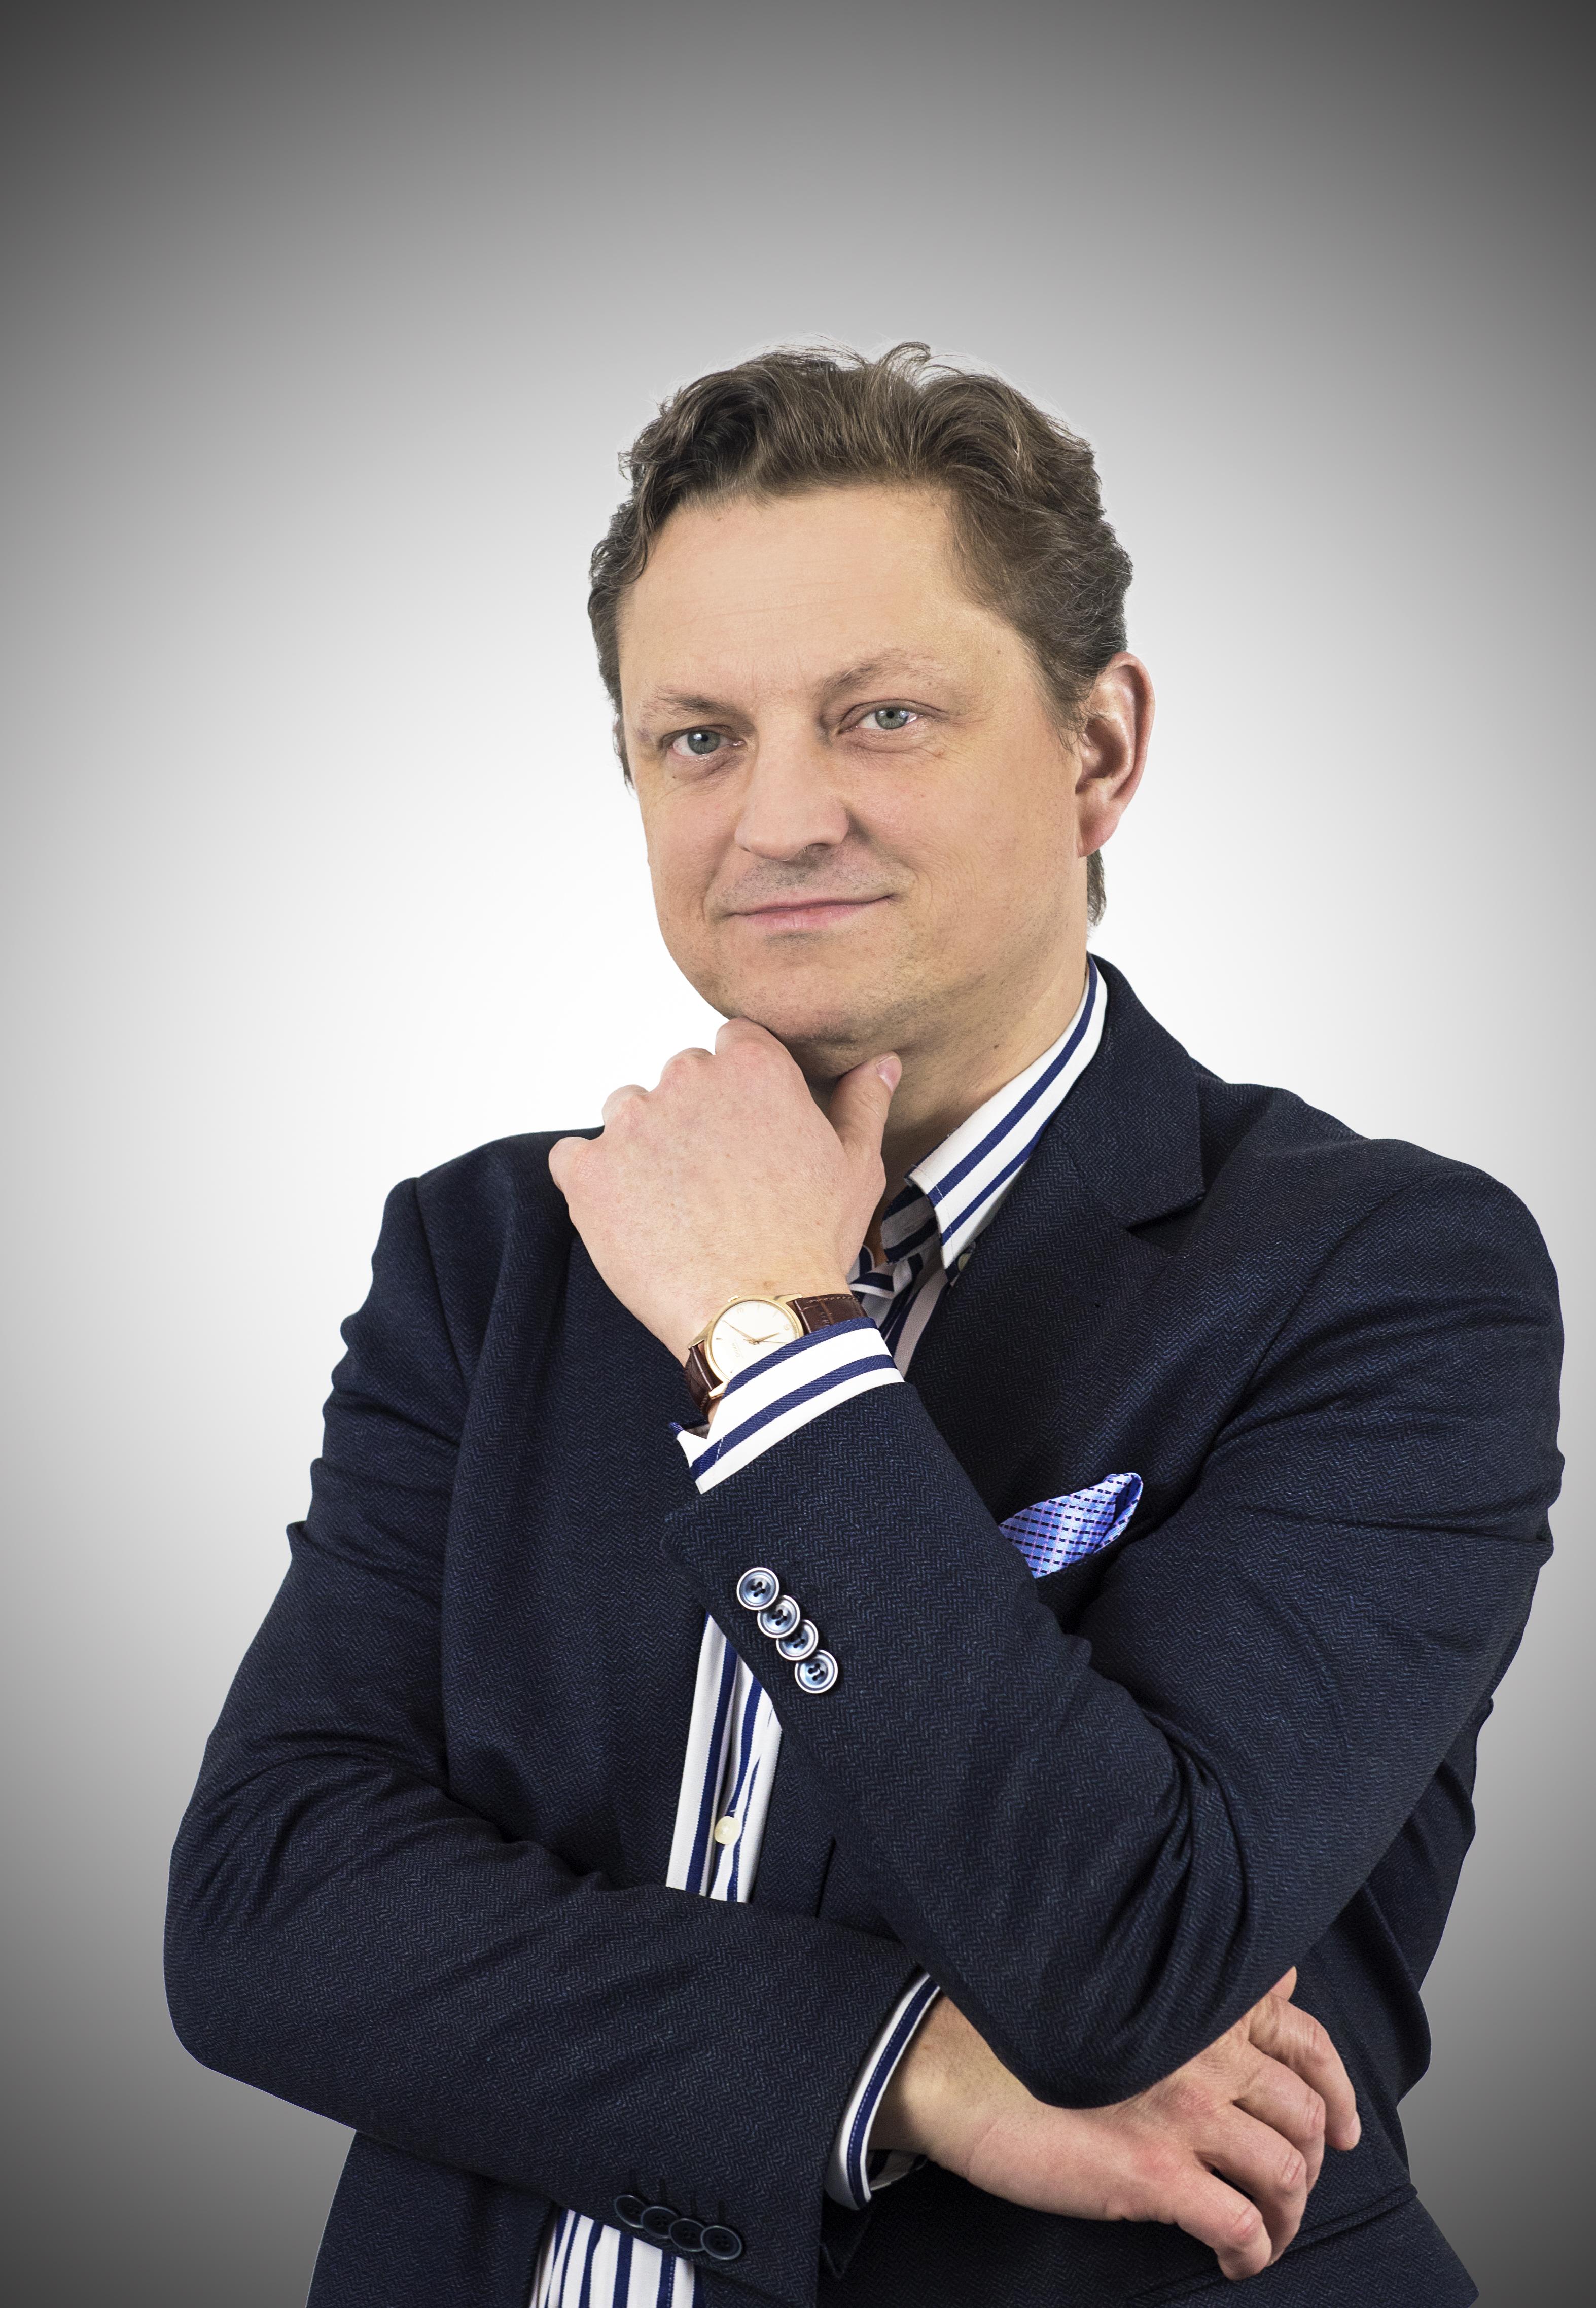 Bartosz Foroncewicz